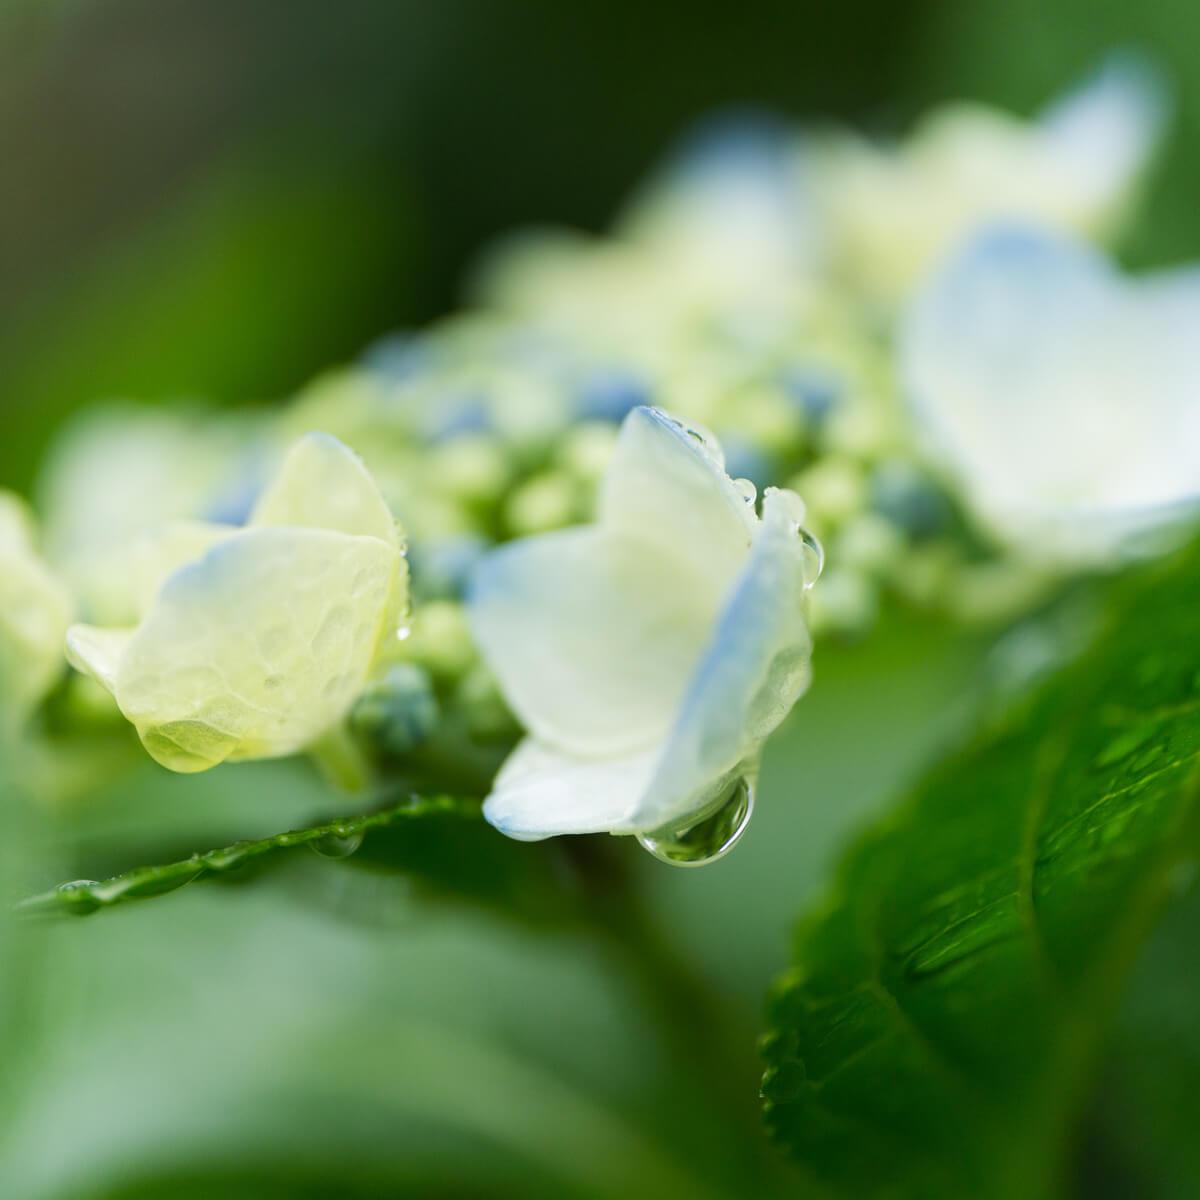 屋久島の紫陽花、雨のしずく 屋久島花とジュエリー ハンドメイドジュエリーのモチーフ